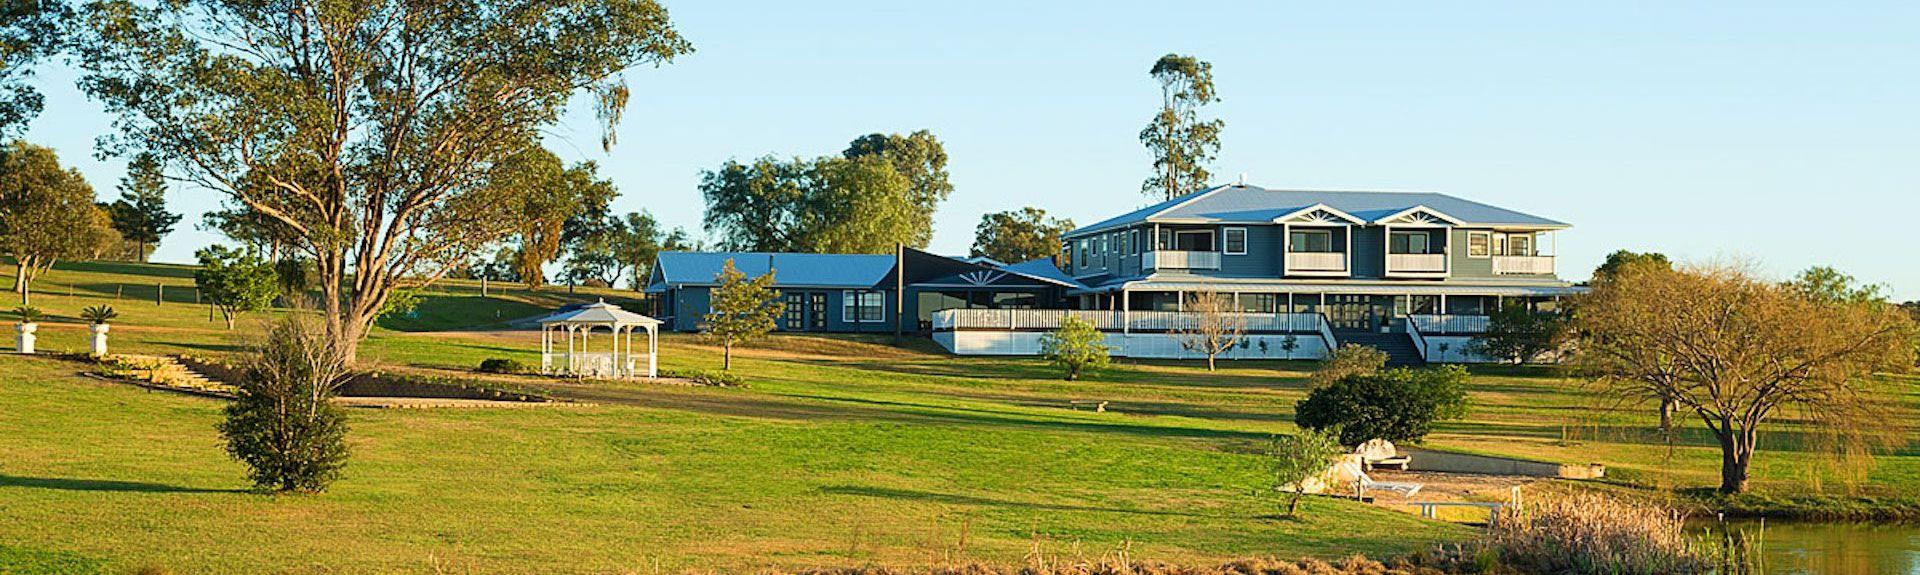 Brokenwood Wines, Pokolbin, New South Wales, Australia